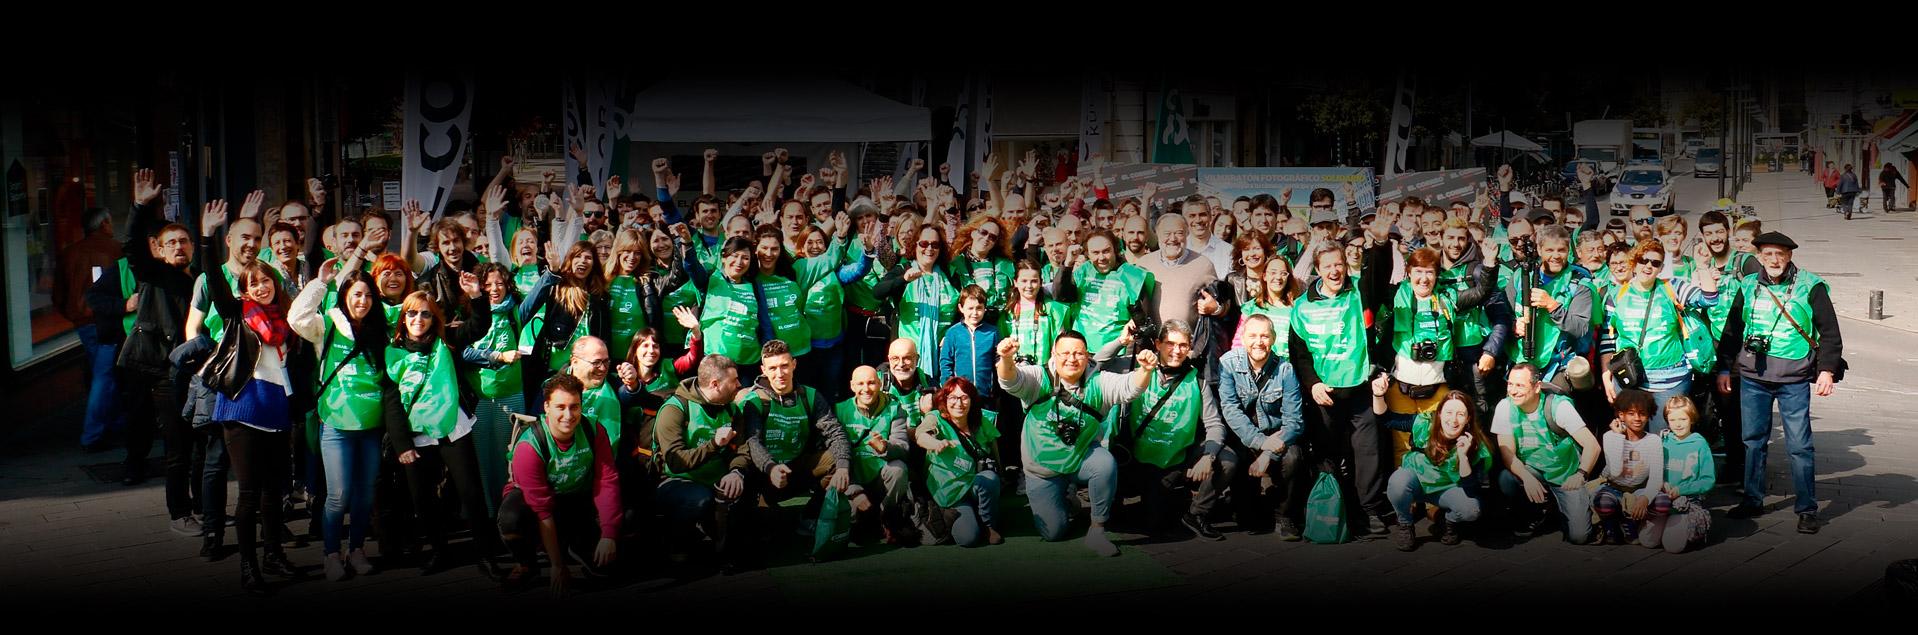 Fotros jornada Maratón Fotográfico Vitoria-Gasteiz Solidario 2018